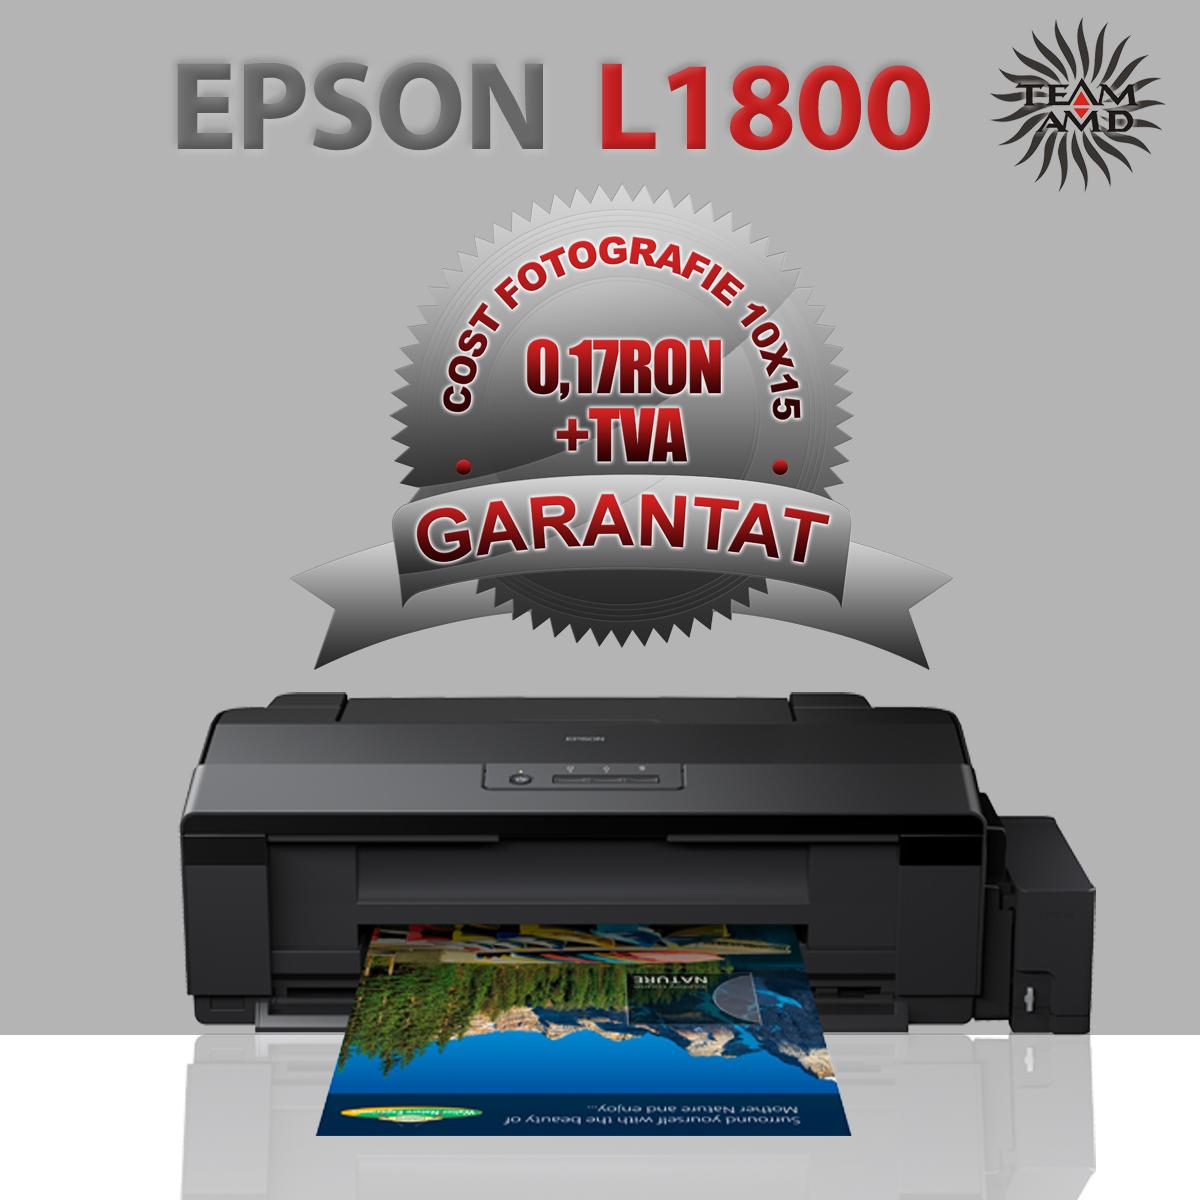 Epson L1800 Amd Digital Grup Printer Copy